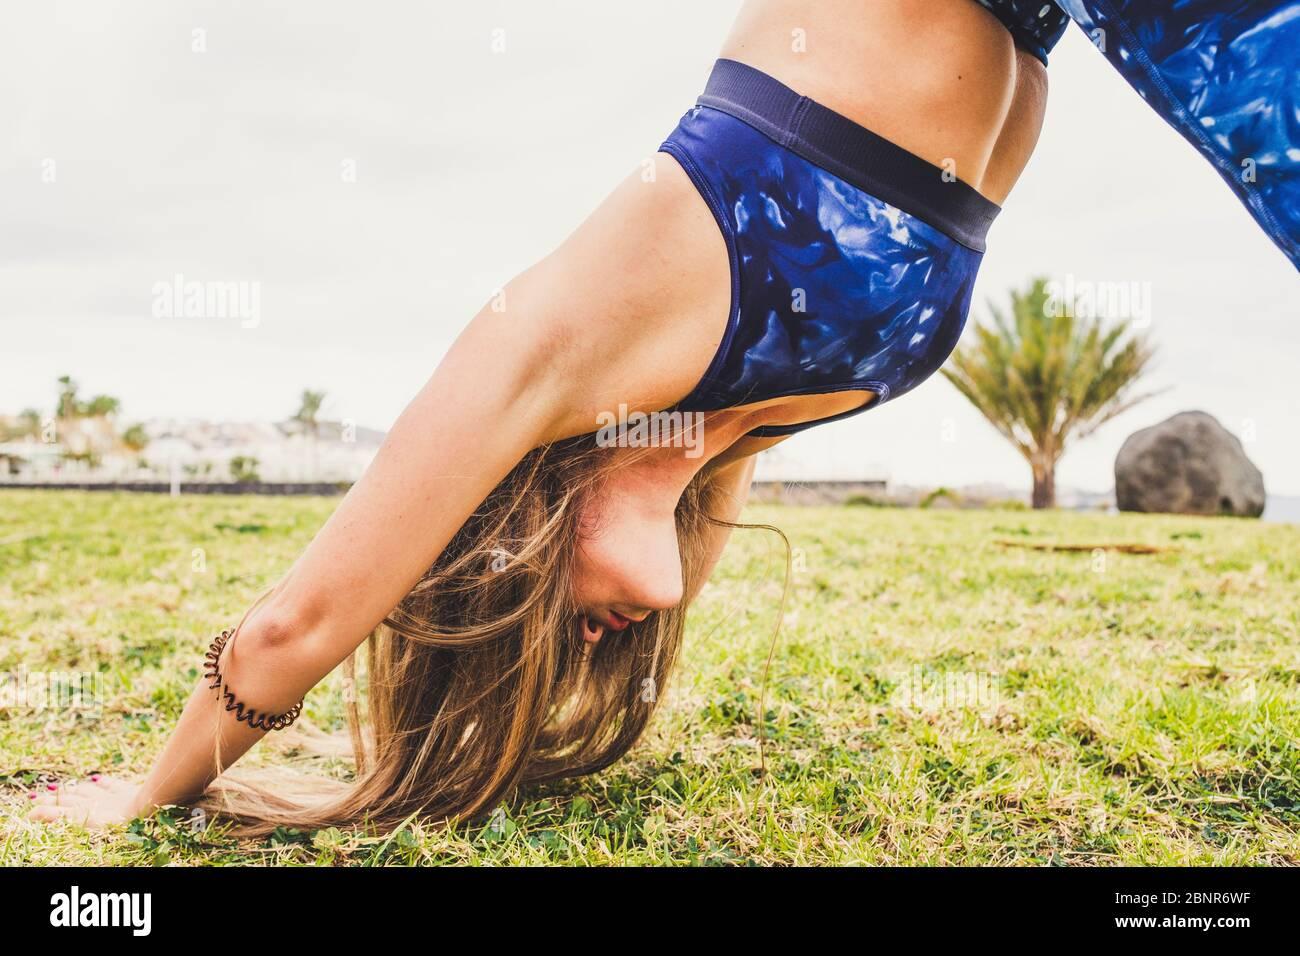 Gros plan de la forme physique saine femme dans le sport Pilates activité au parc sur la nature verte prairie - les gens et l'entraînement outdor - le style de vie actif pour la jeune femme avec les cheveux longs Banque D'Images